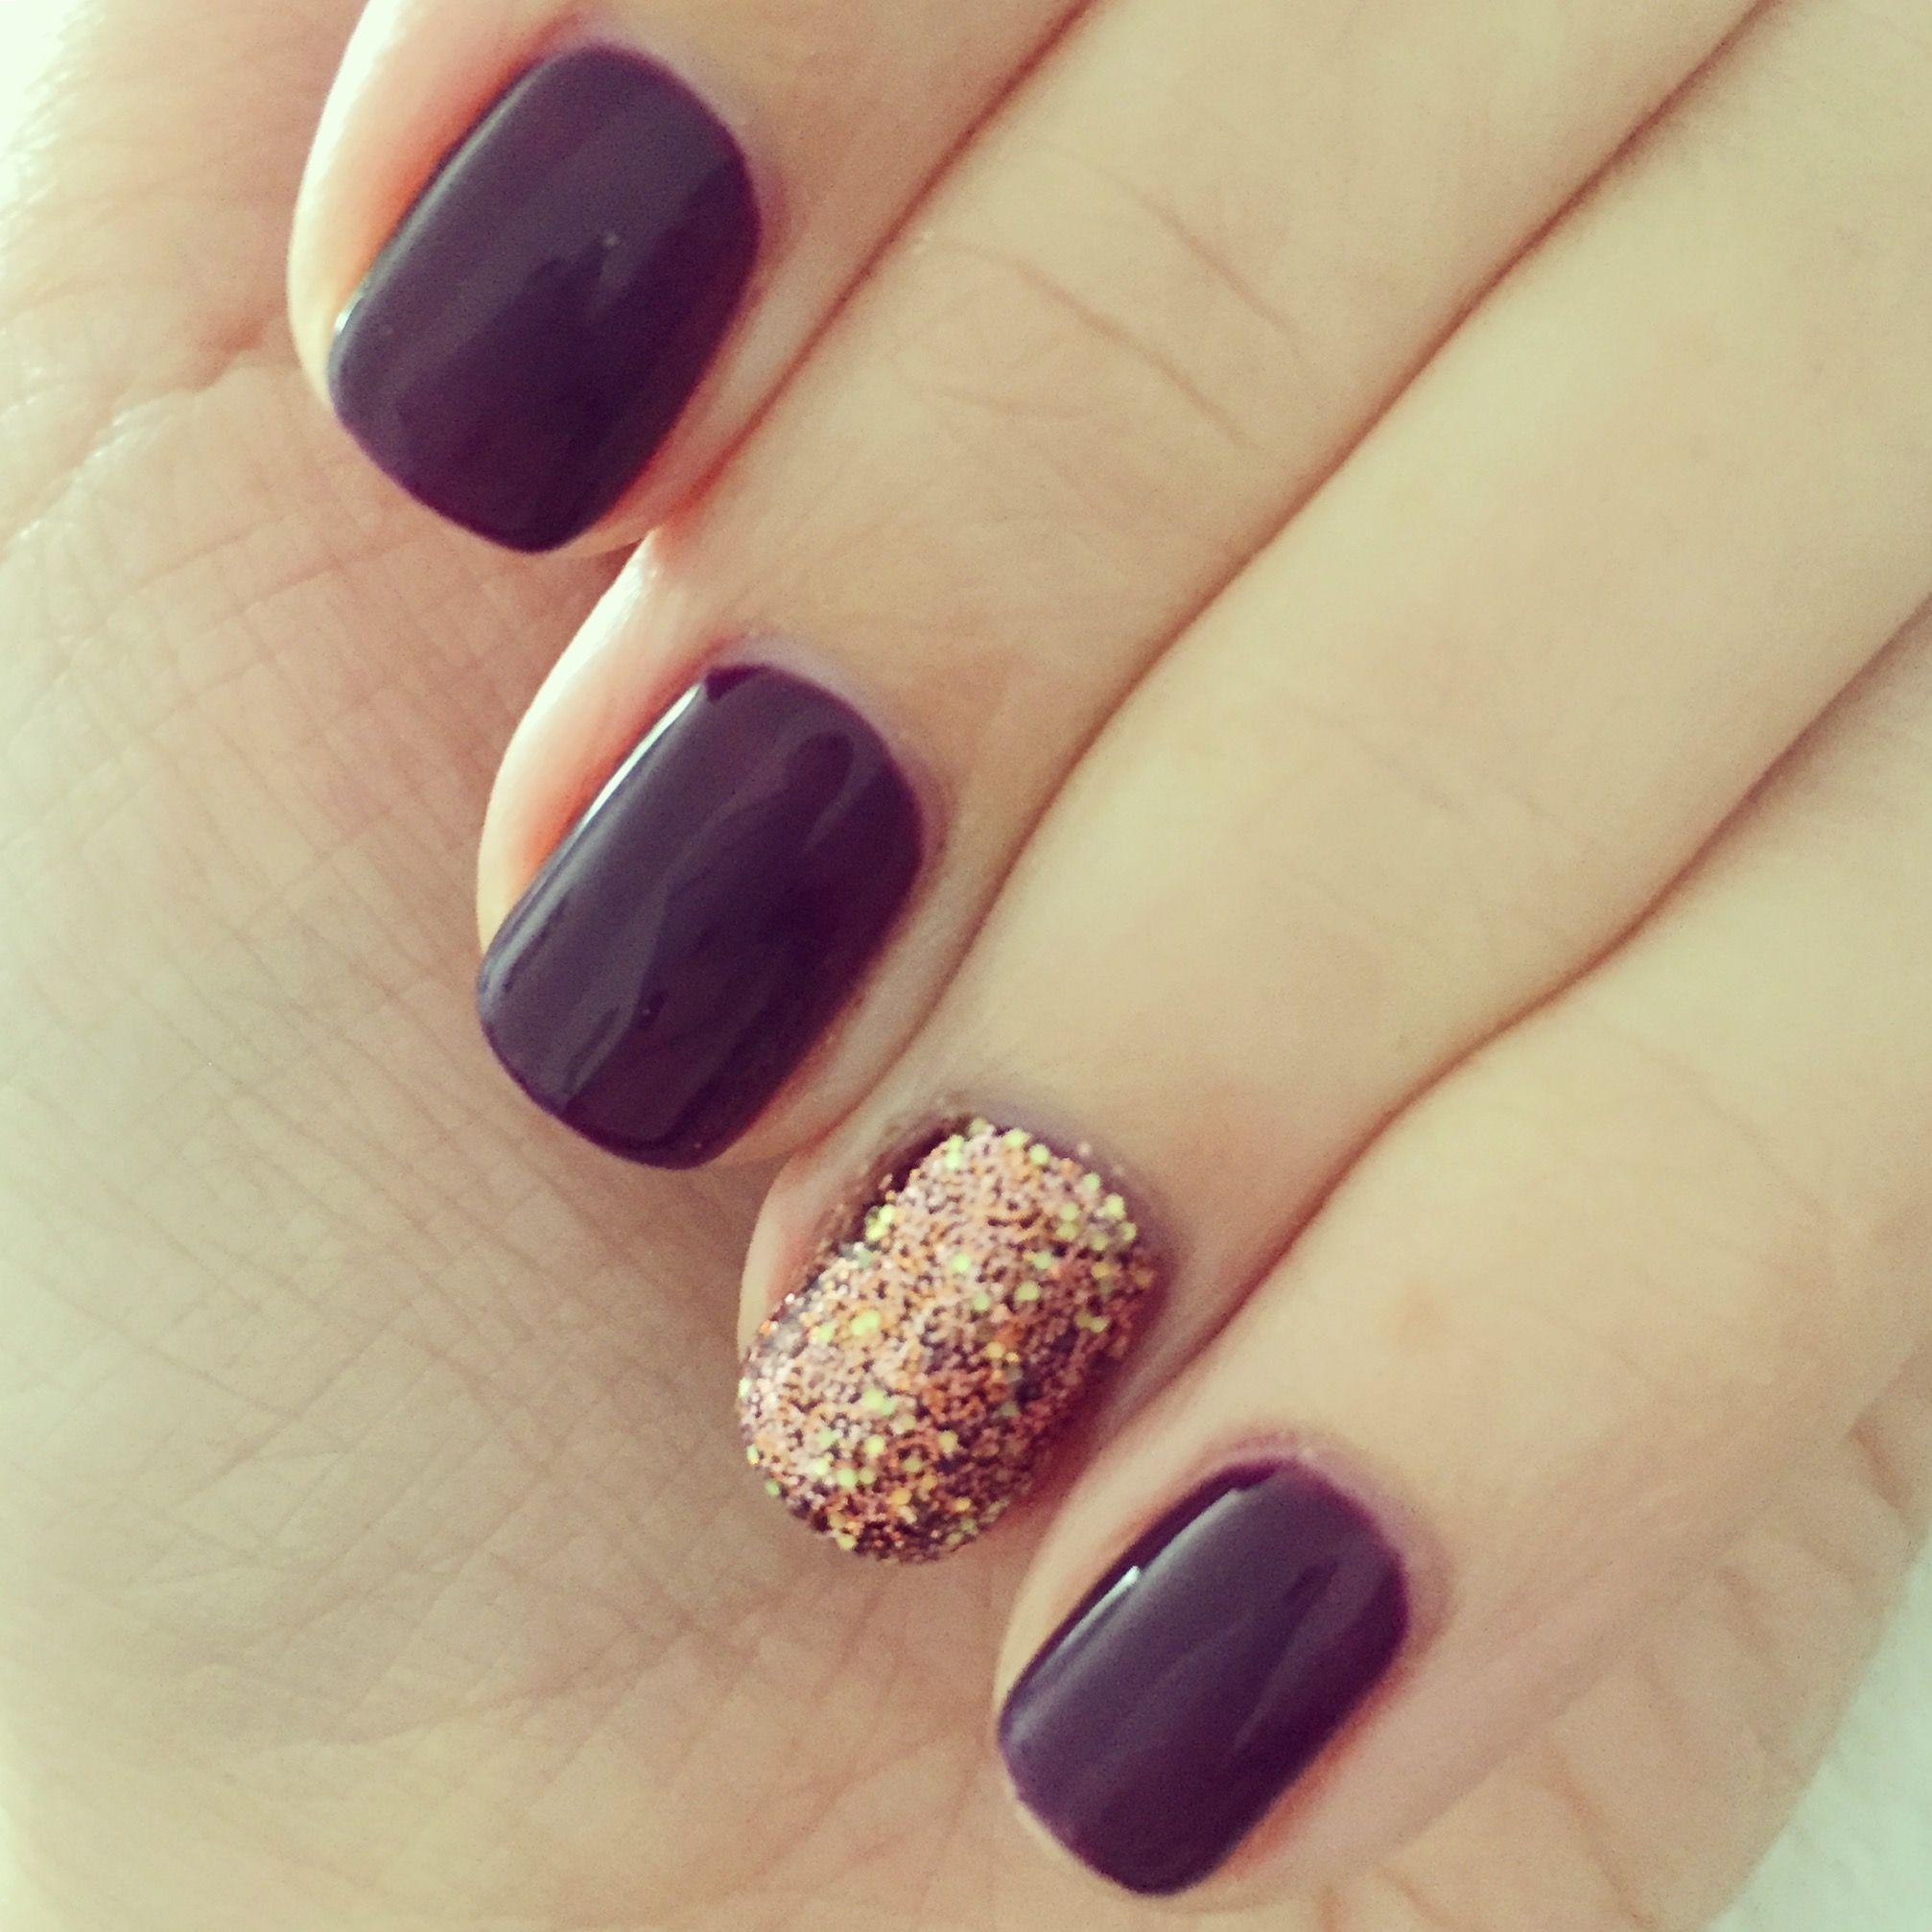 Autumn nails plum and rose gold glitter | Glitter Nails | Pinterest ...